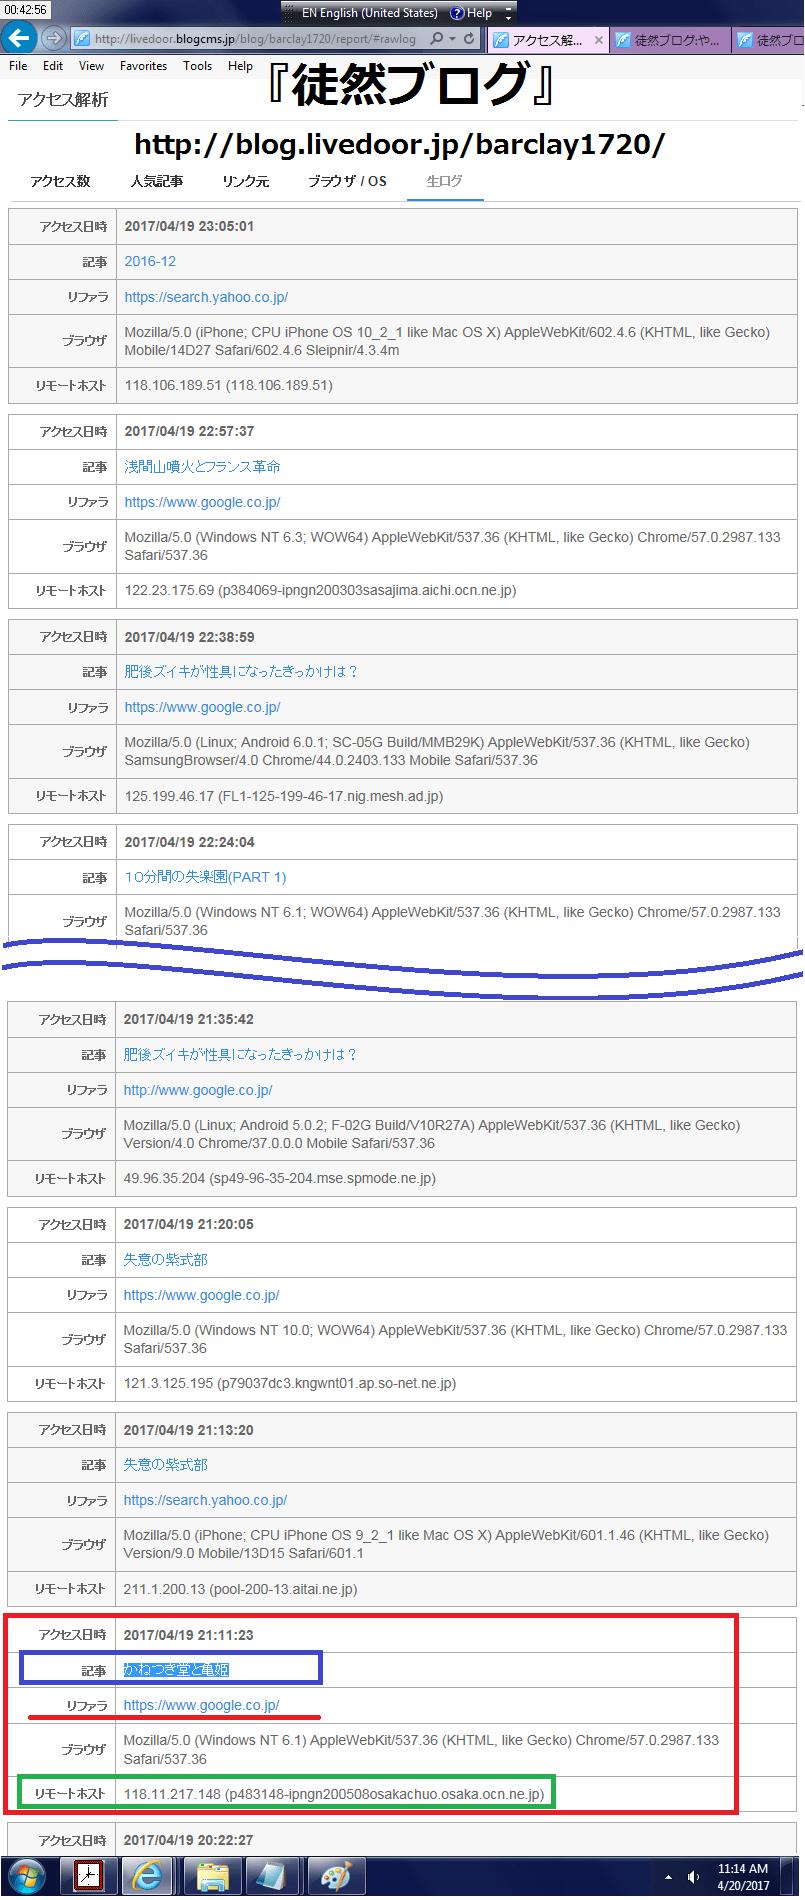 ライブドアの『徒然ブログ』の日本時間で4月19日の午後8時22分から午後11時5分までの約2時間半の「生ログ」の1部